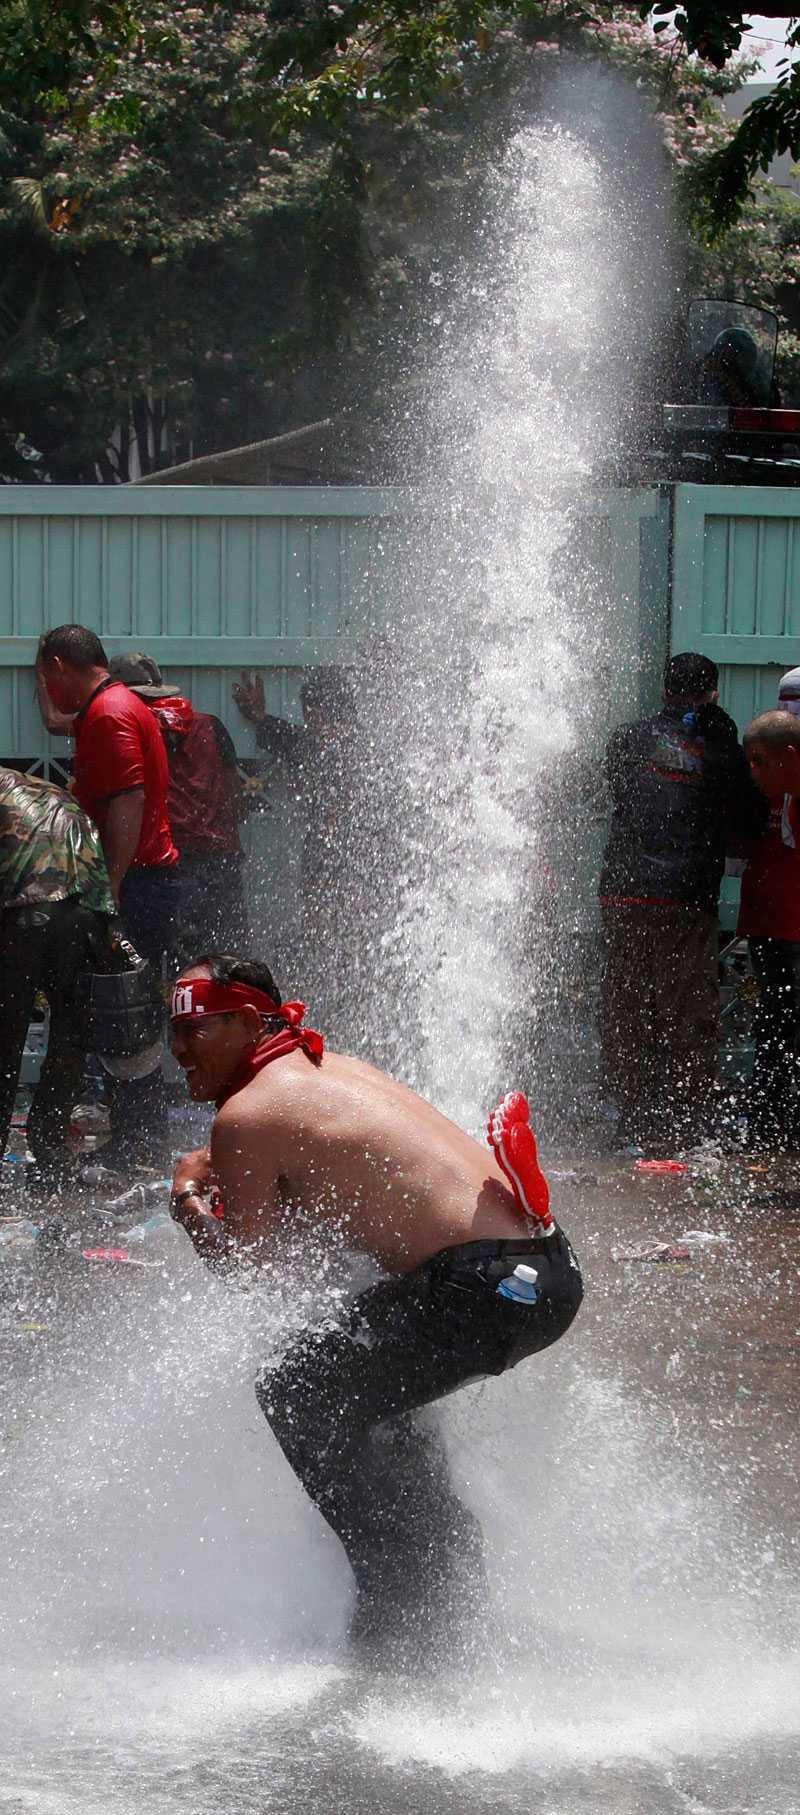 träffad av kanonen En av rödskjortorna hamnade mitt i skottlinjen för polisens vattenkanon.